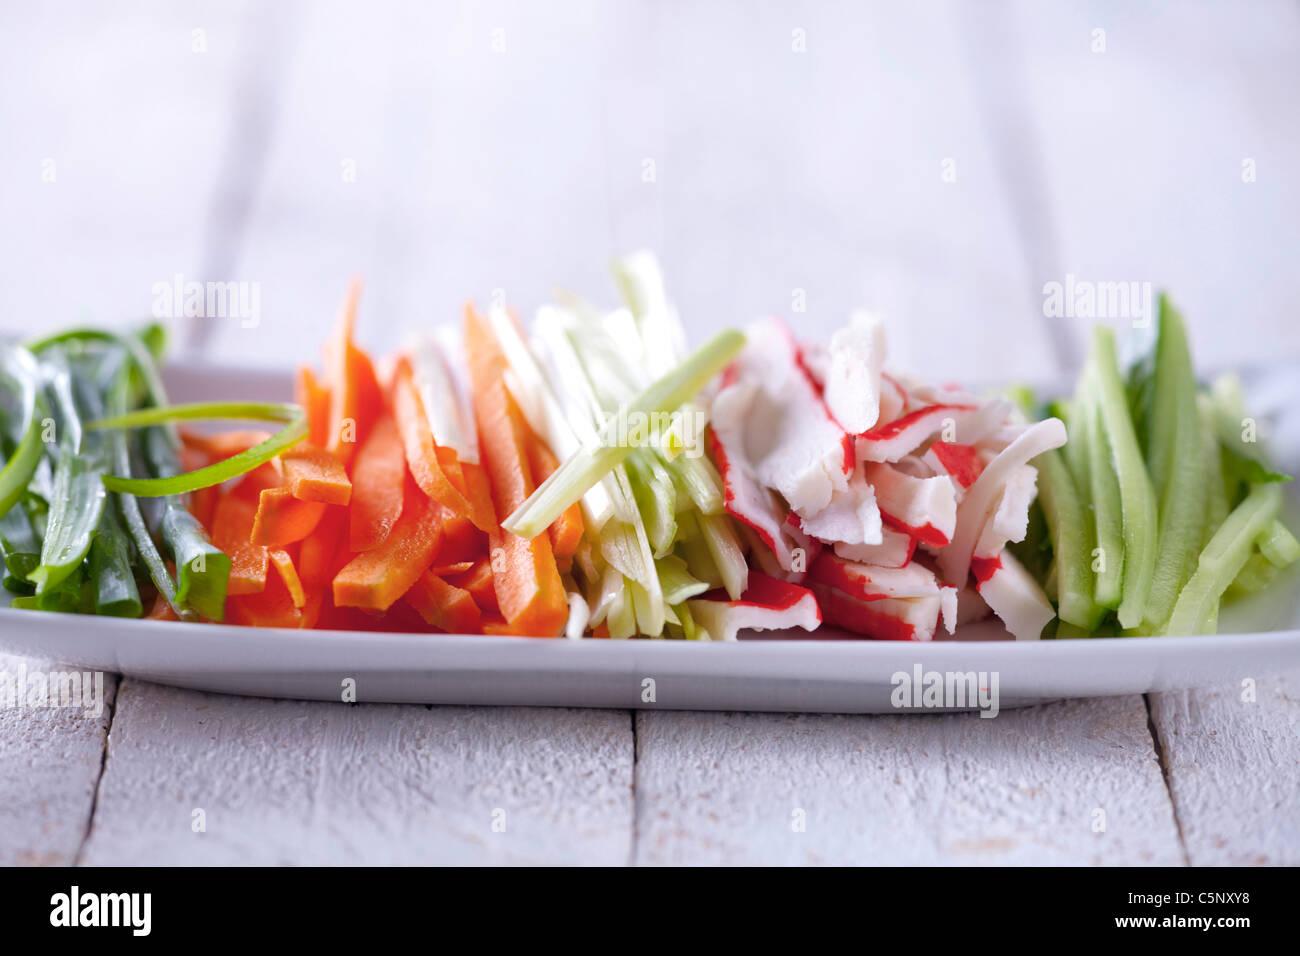 Streifen von Schnittlauch, Karotten, Lauch, Surimi und Gurke Stockbild